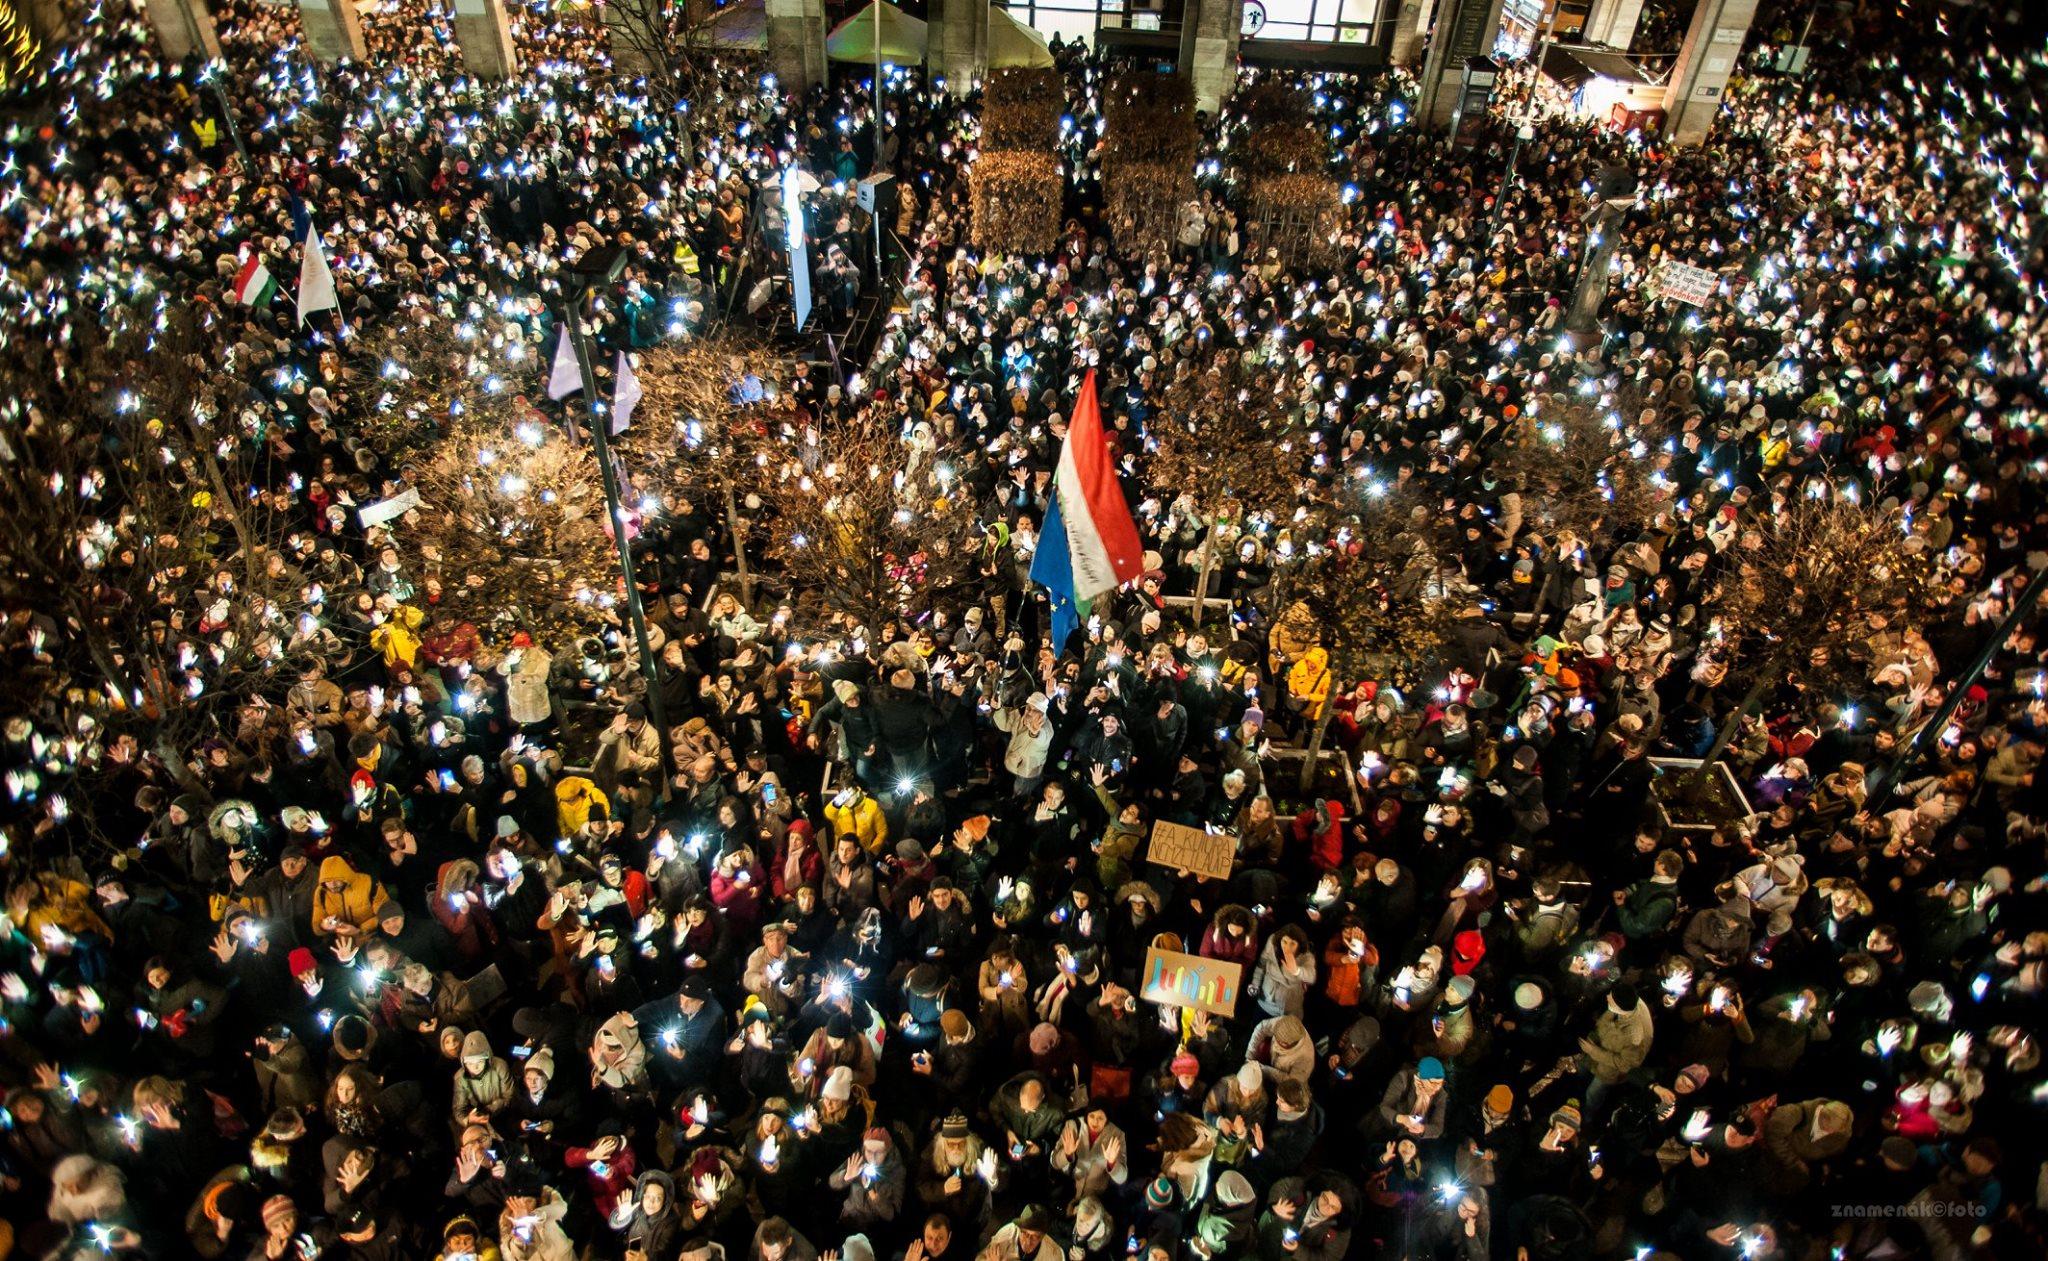 A Guardian szerkesztőségi vezércikkben nevezi demokráciakrízisnek Orbánék új kultúrtörvényét